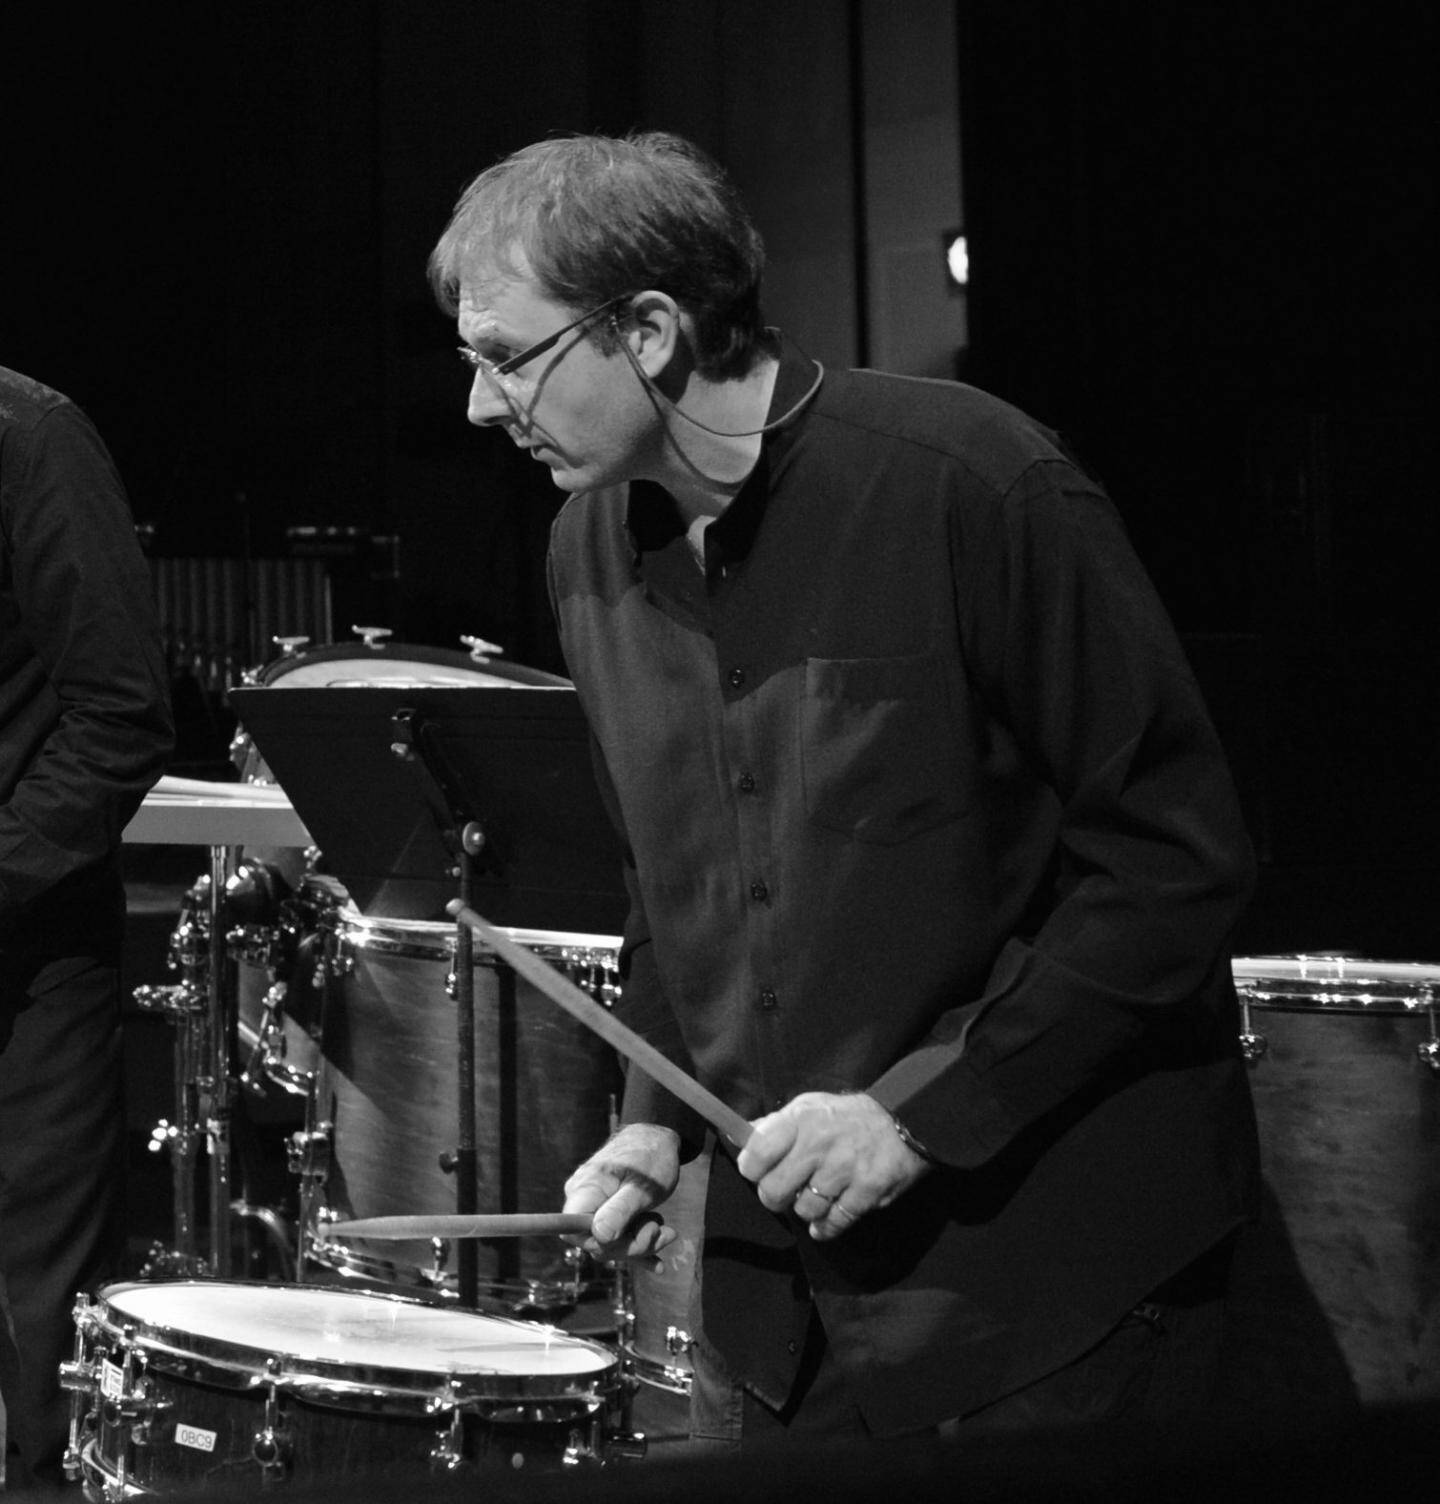 Professeur de percussion, Régis Famelart, est décédé il y a un an. Le conservatoire lui rend hommage.(DR)